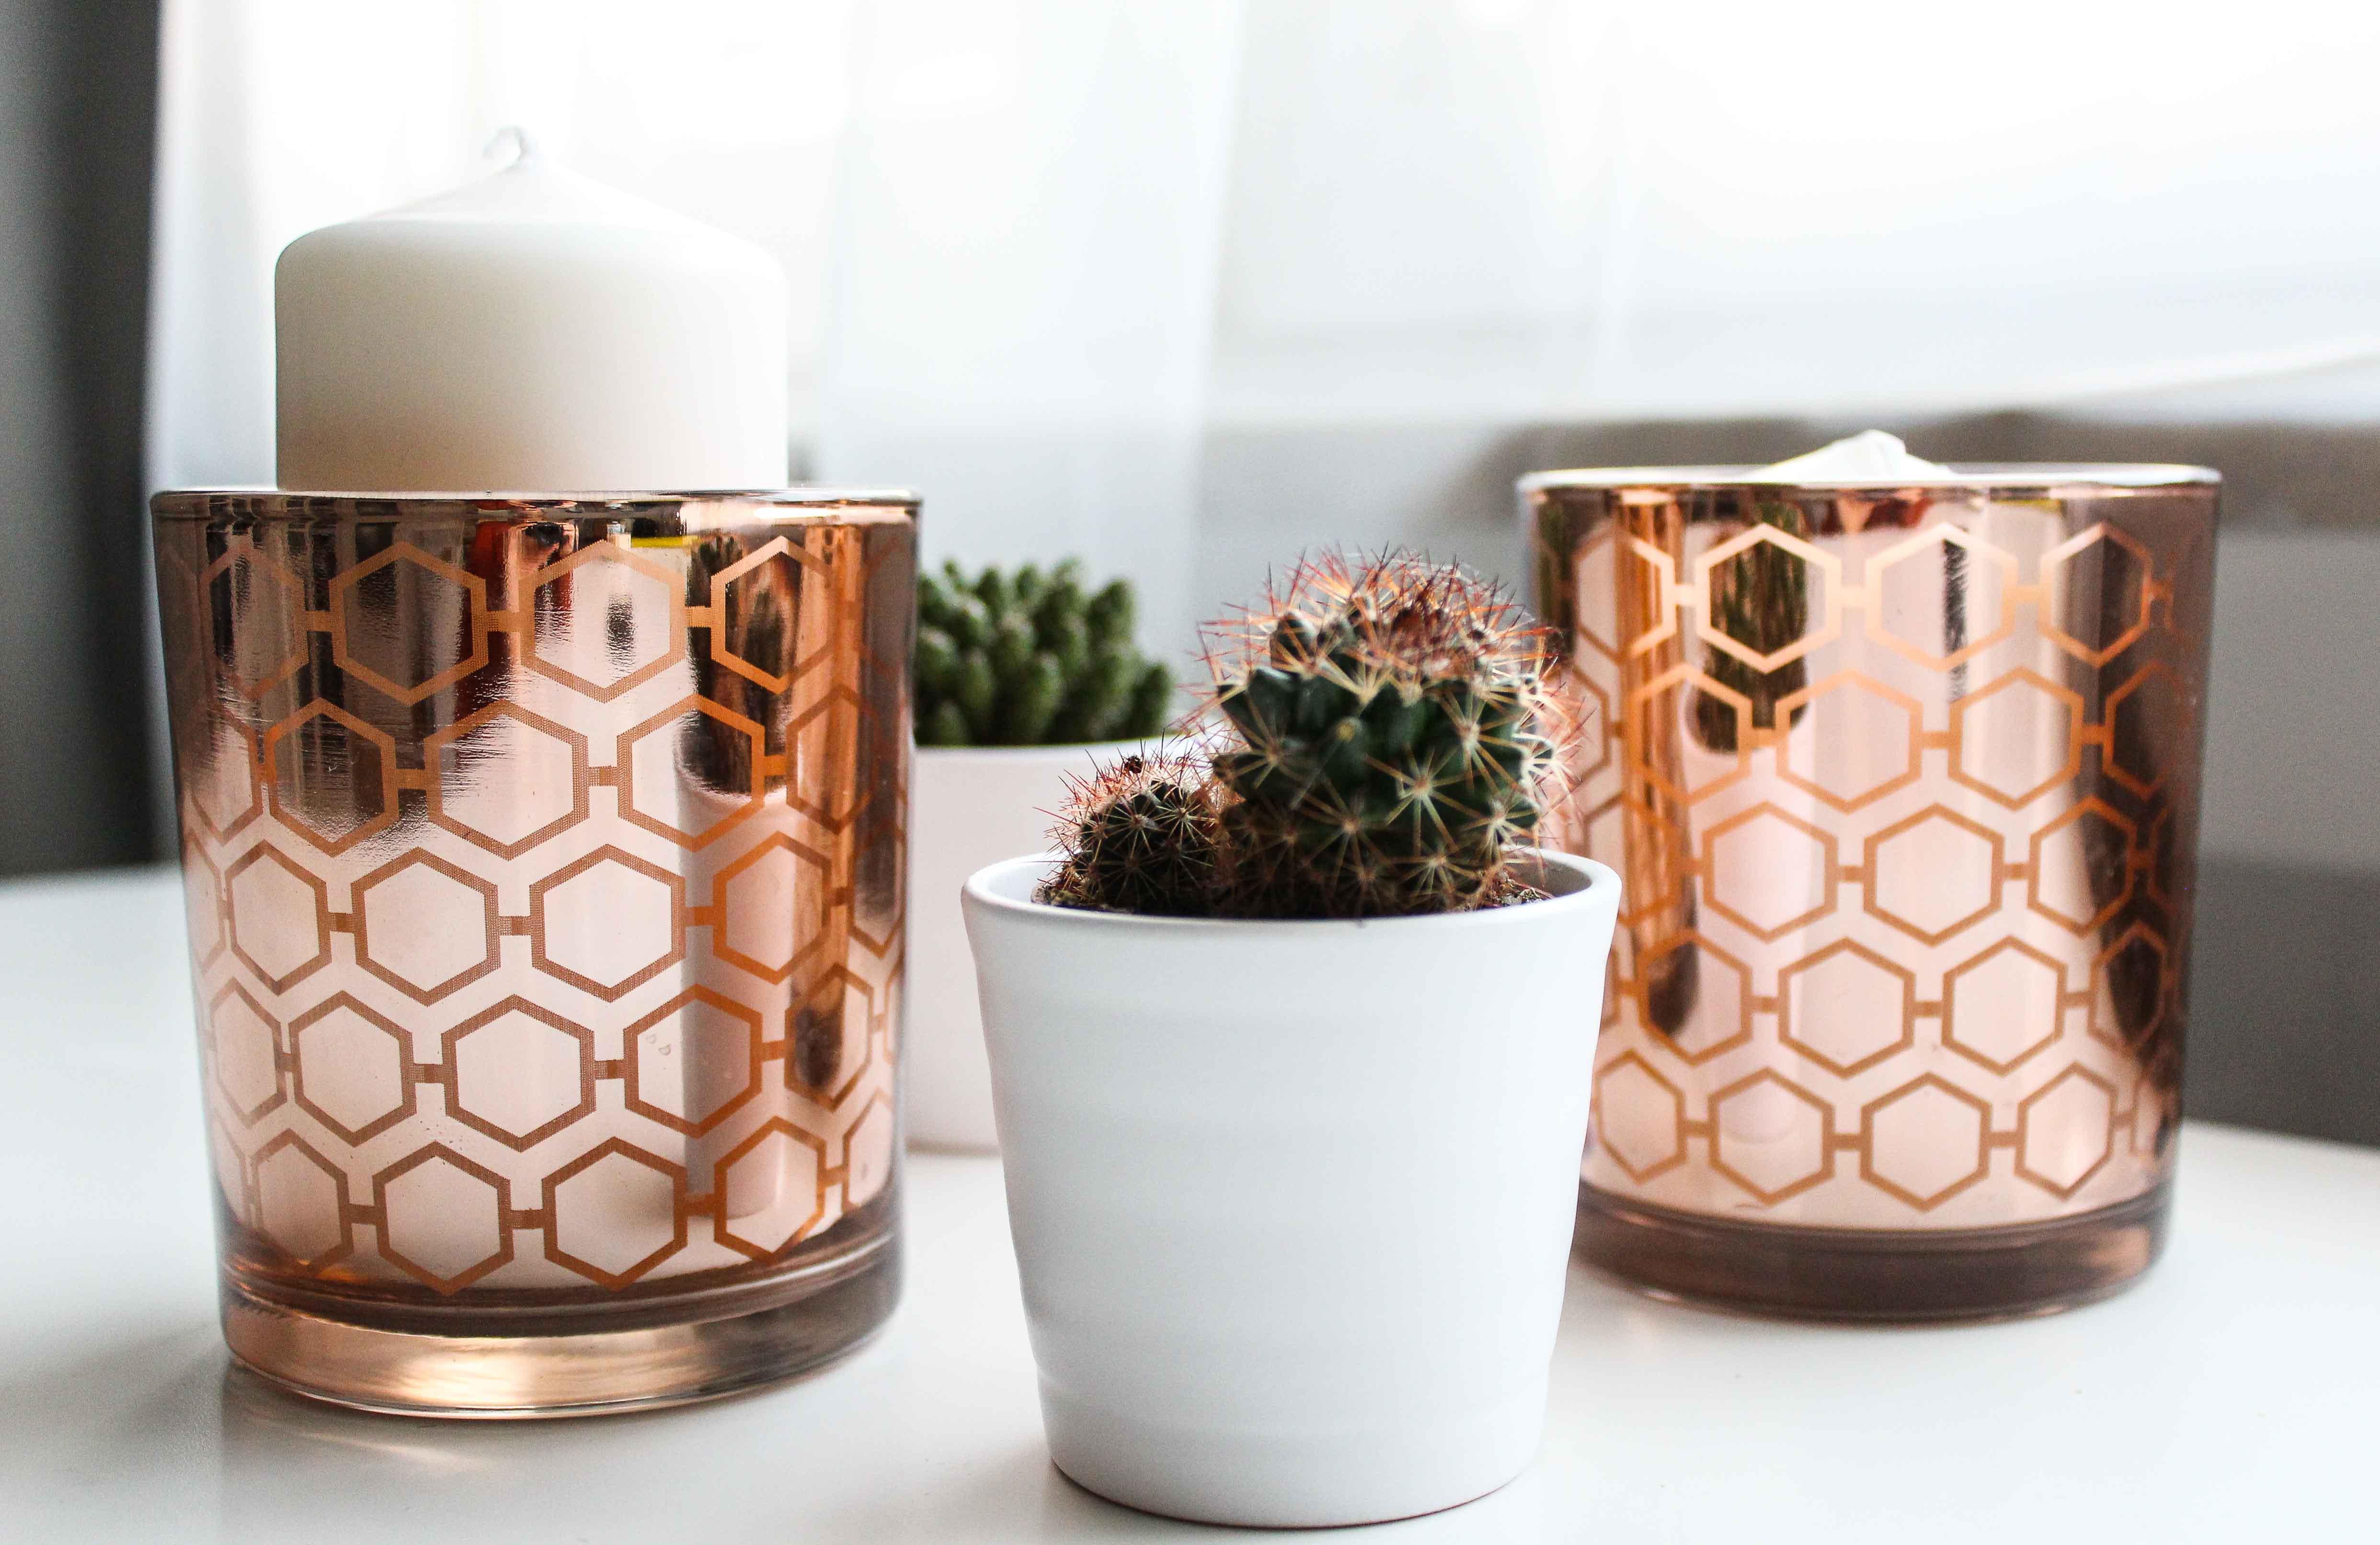 Dekoration  Wohntrend Kupfer Dekoration | Interior Shopping - BrinisFashionBook